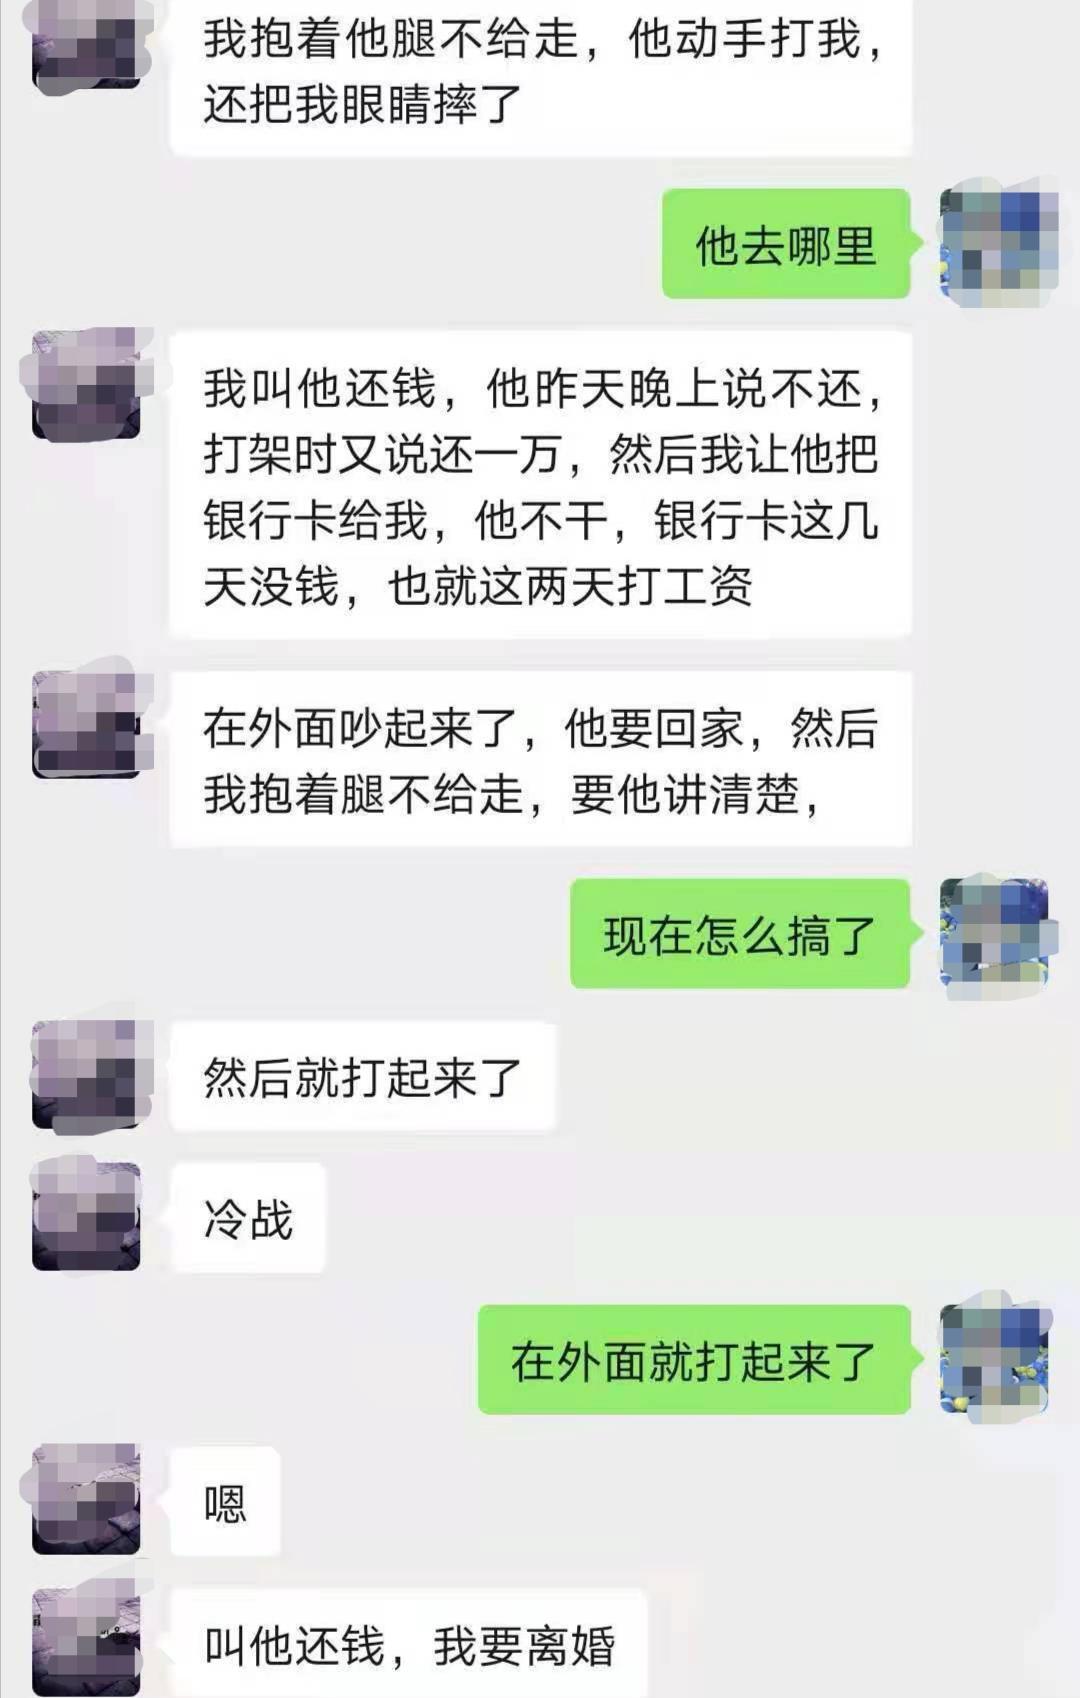 杨晓燕向好友倾诉,两人争吵时动过手。